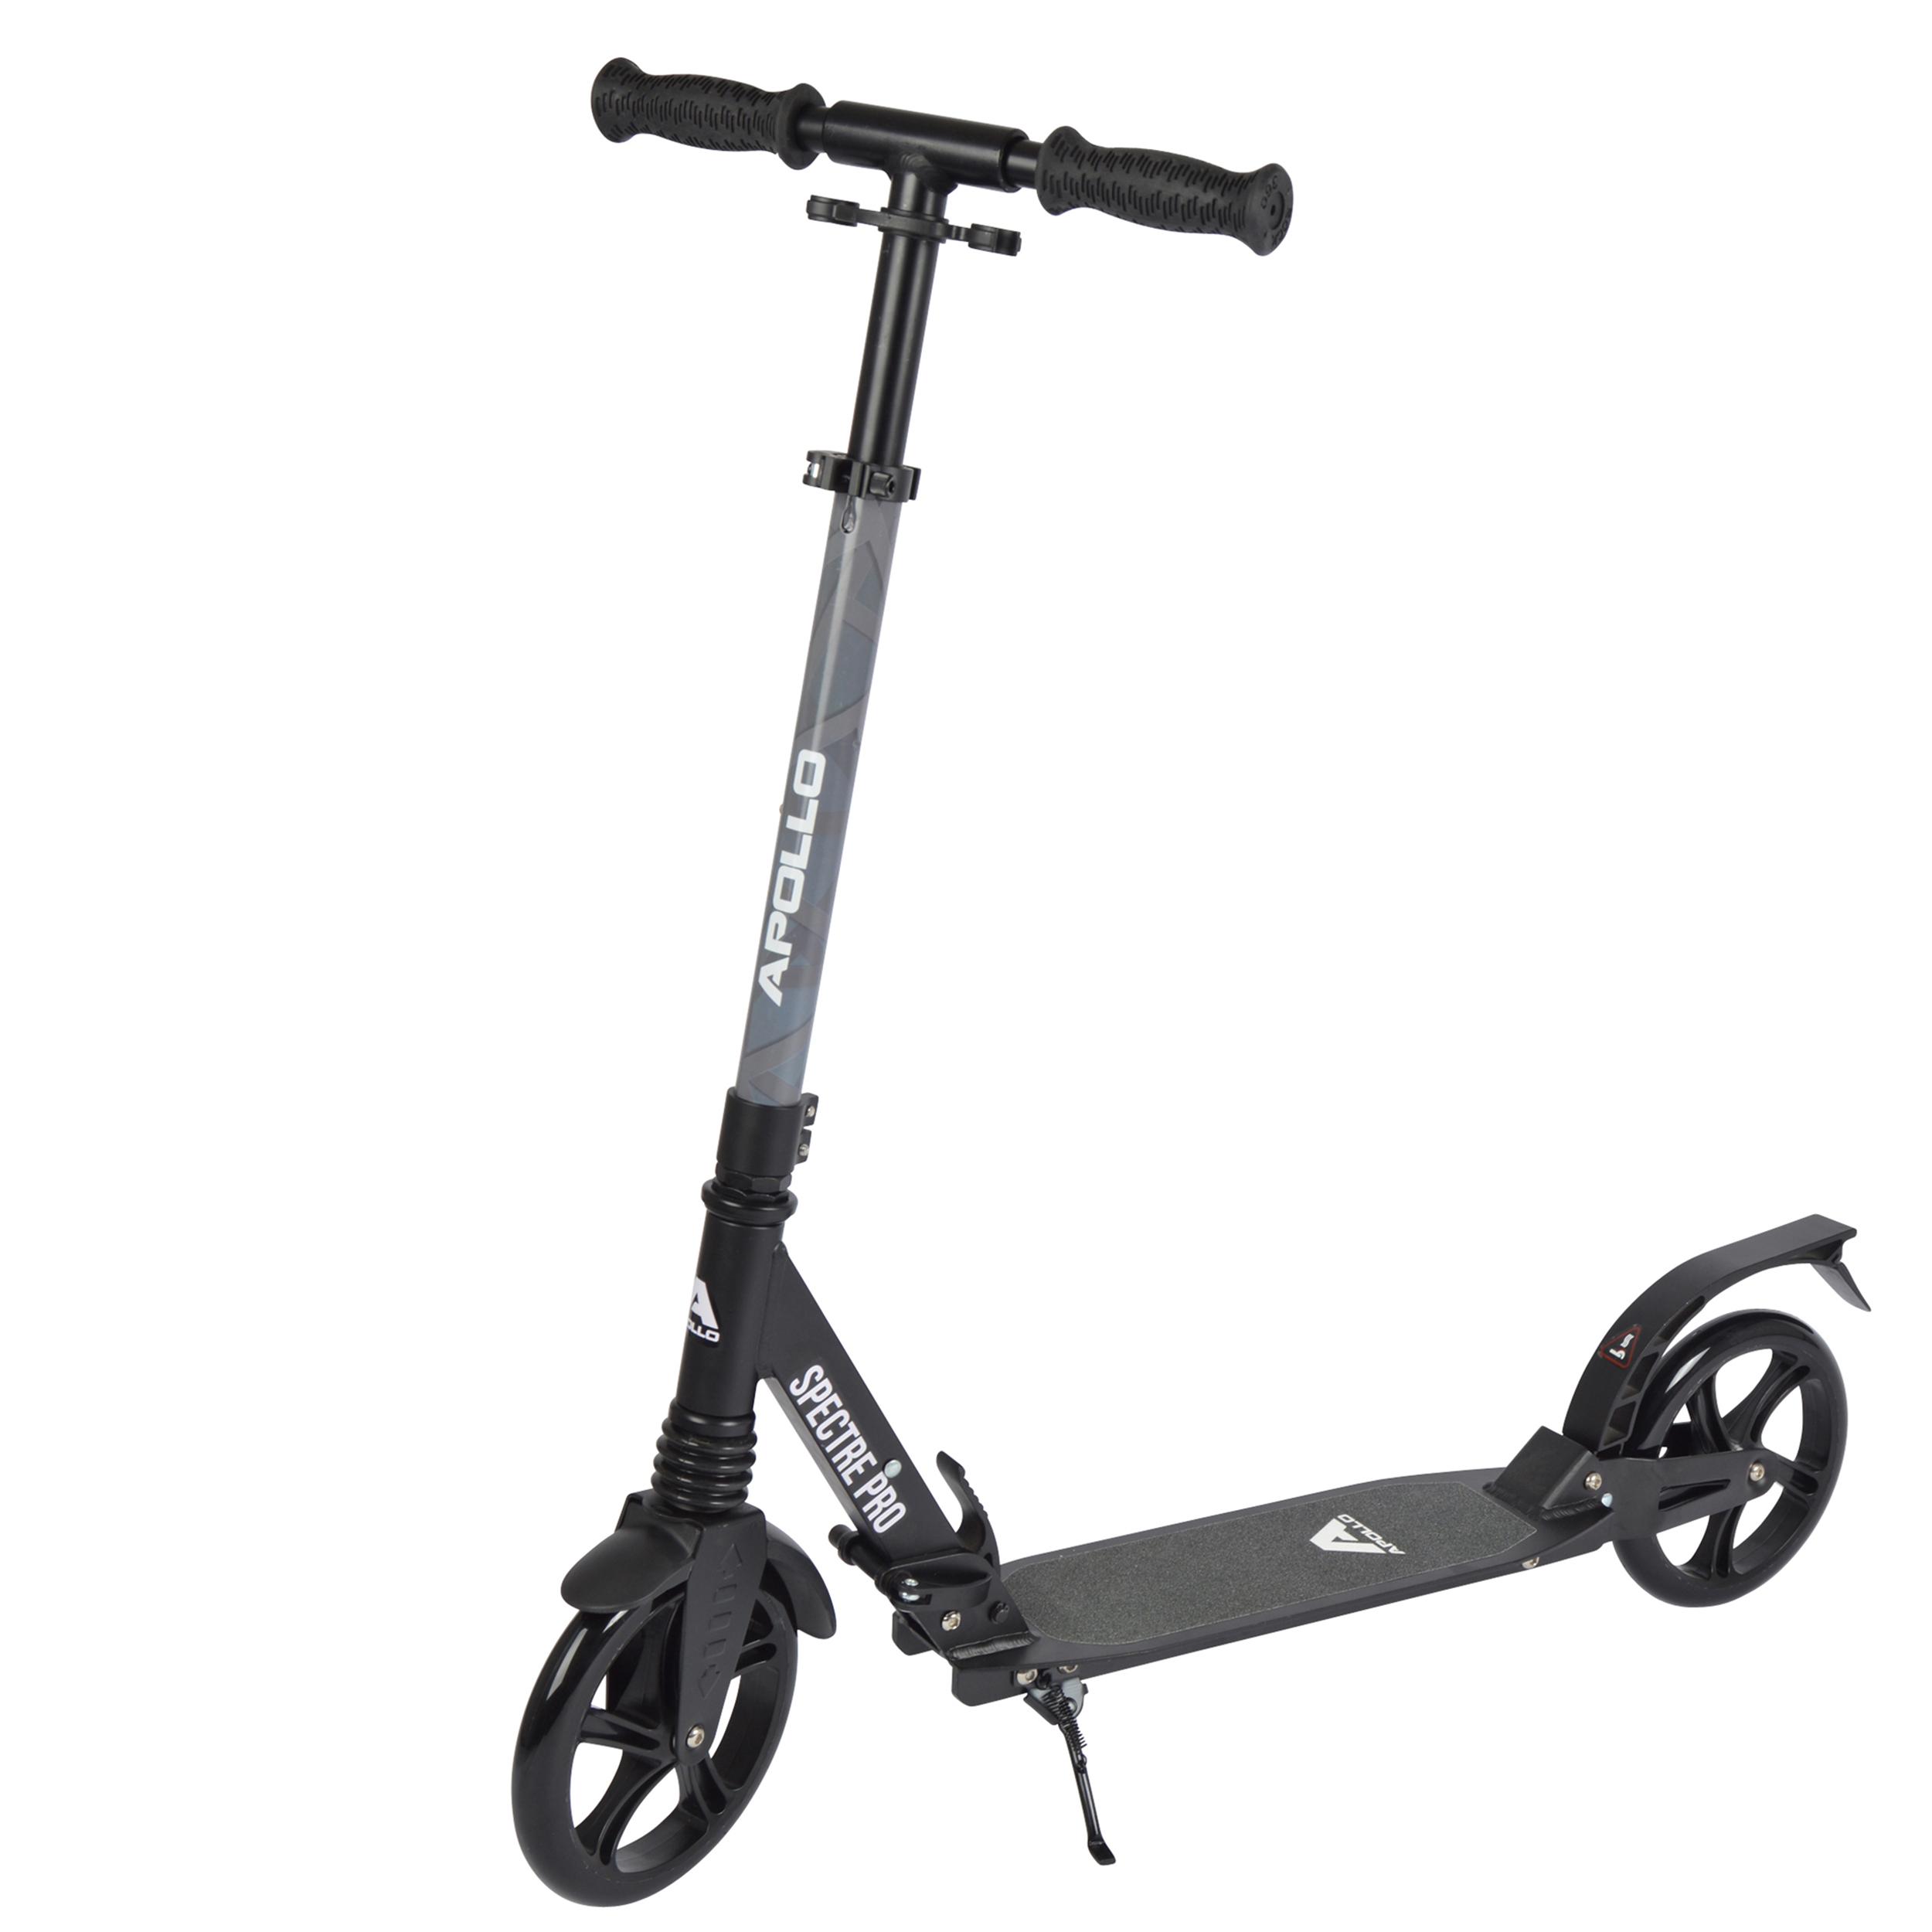 City Scooter - Spectre Pro - Black